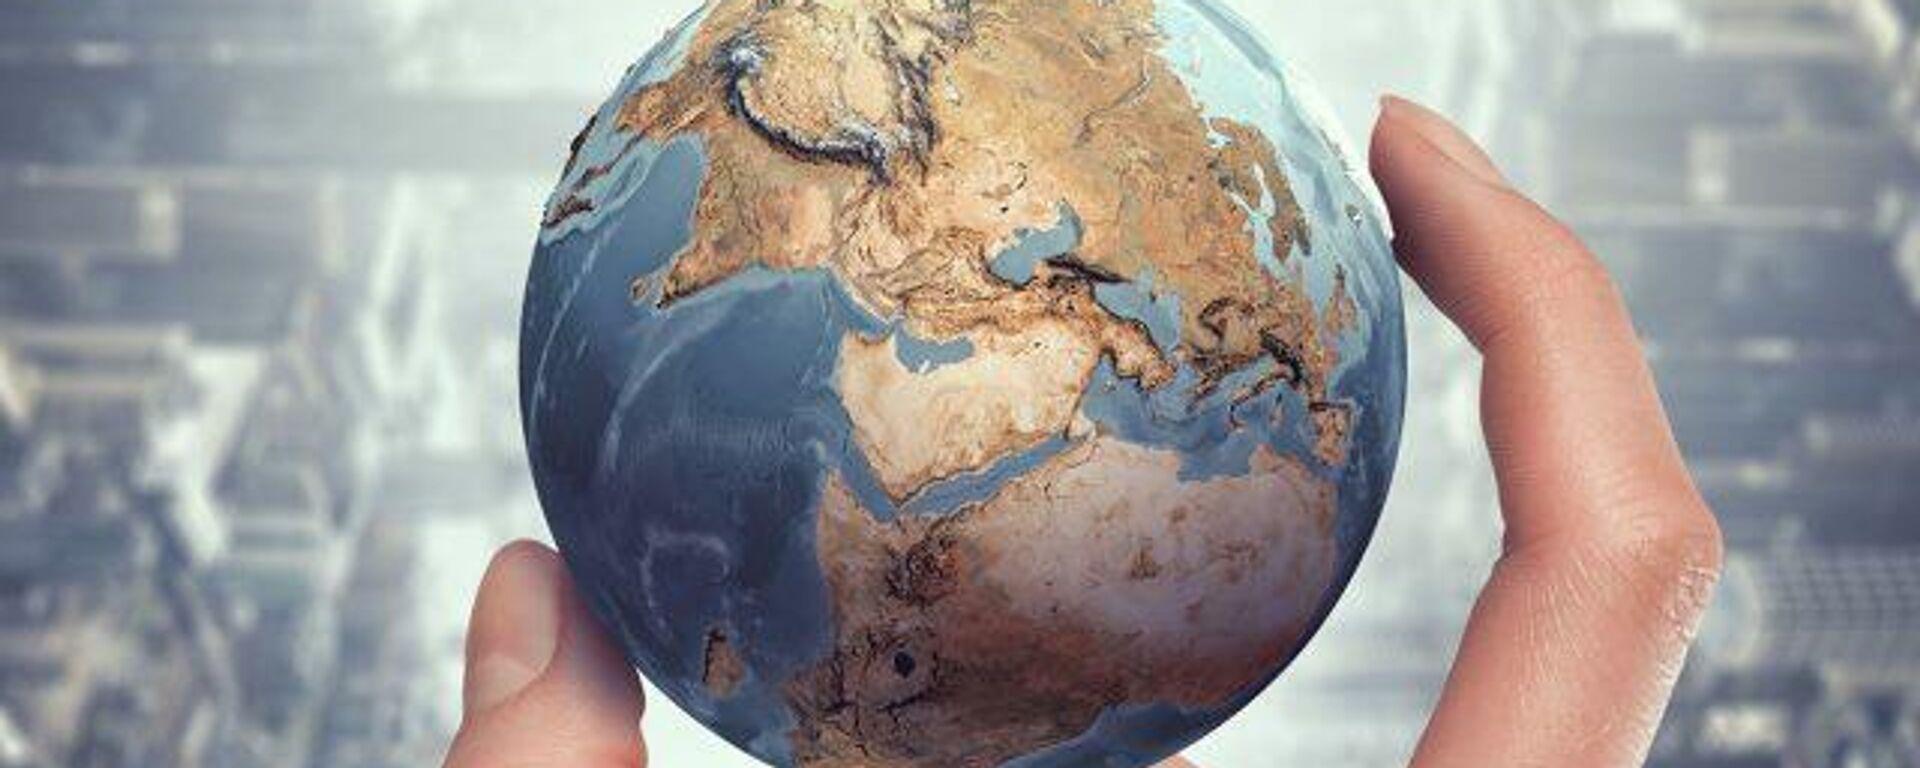 Perú: Castillo y Fujimori, cabeza a cabeza para definir la presidencia de un país dividido - Sputnik Mundo, 1920, 07.06.2021